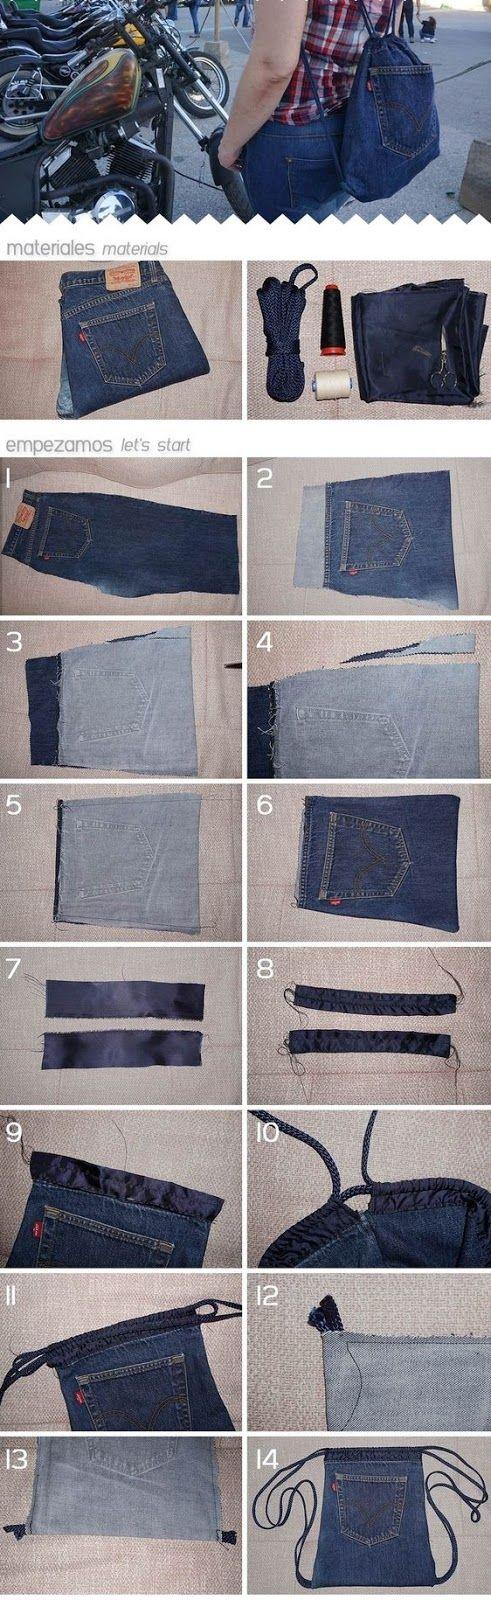 Hoy quiero compartir una pequeña recopilación de Internet de bolsos que pueden hacer con ropa o jeans reciclado, Es muy habitual que los ...